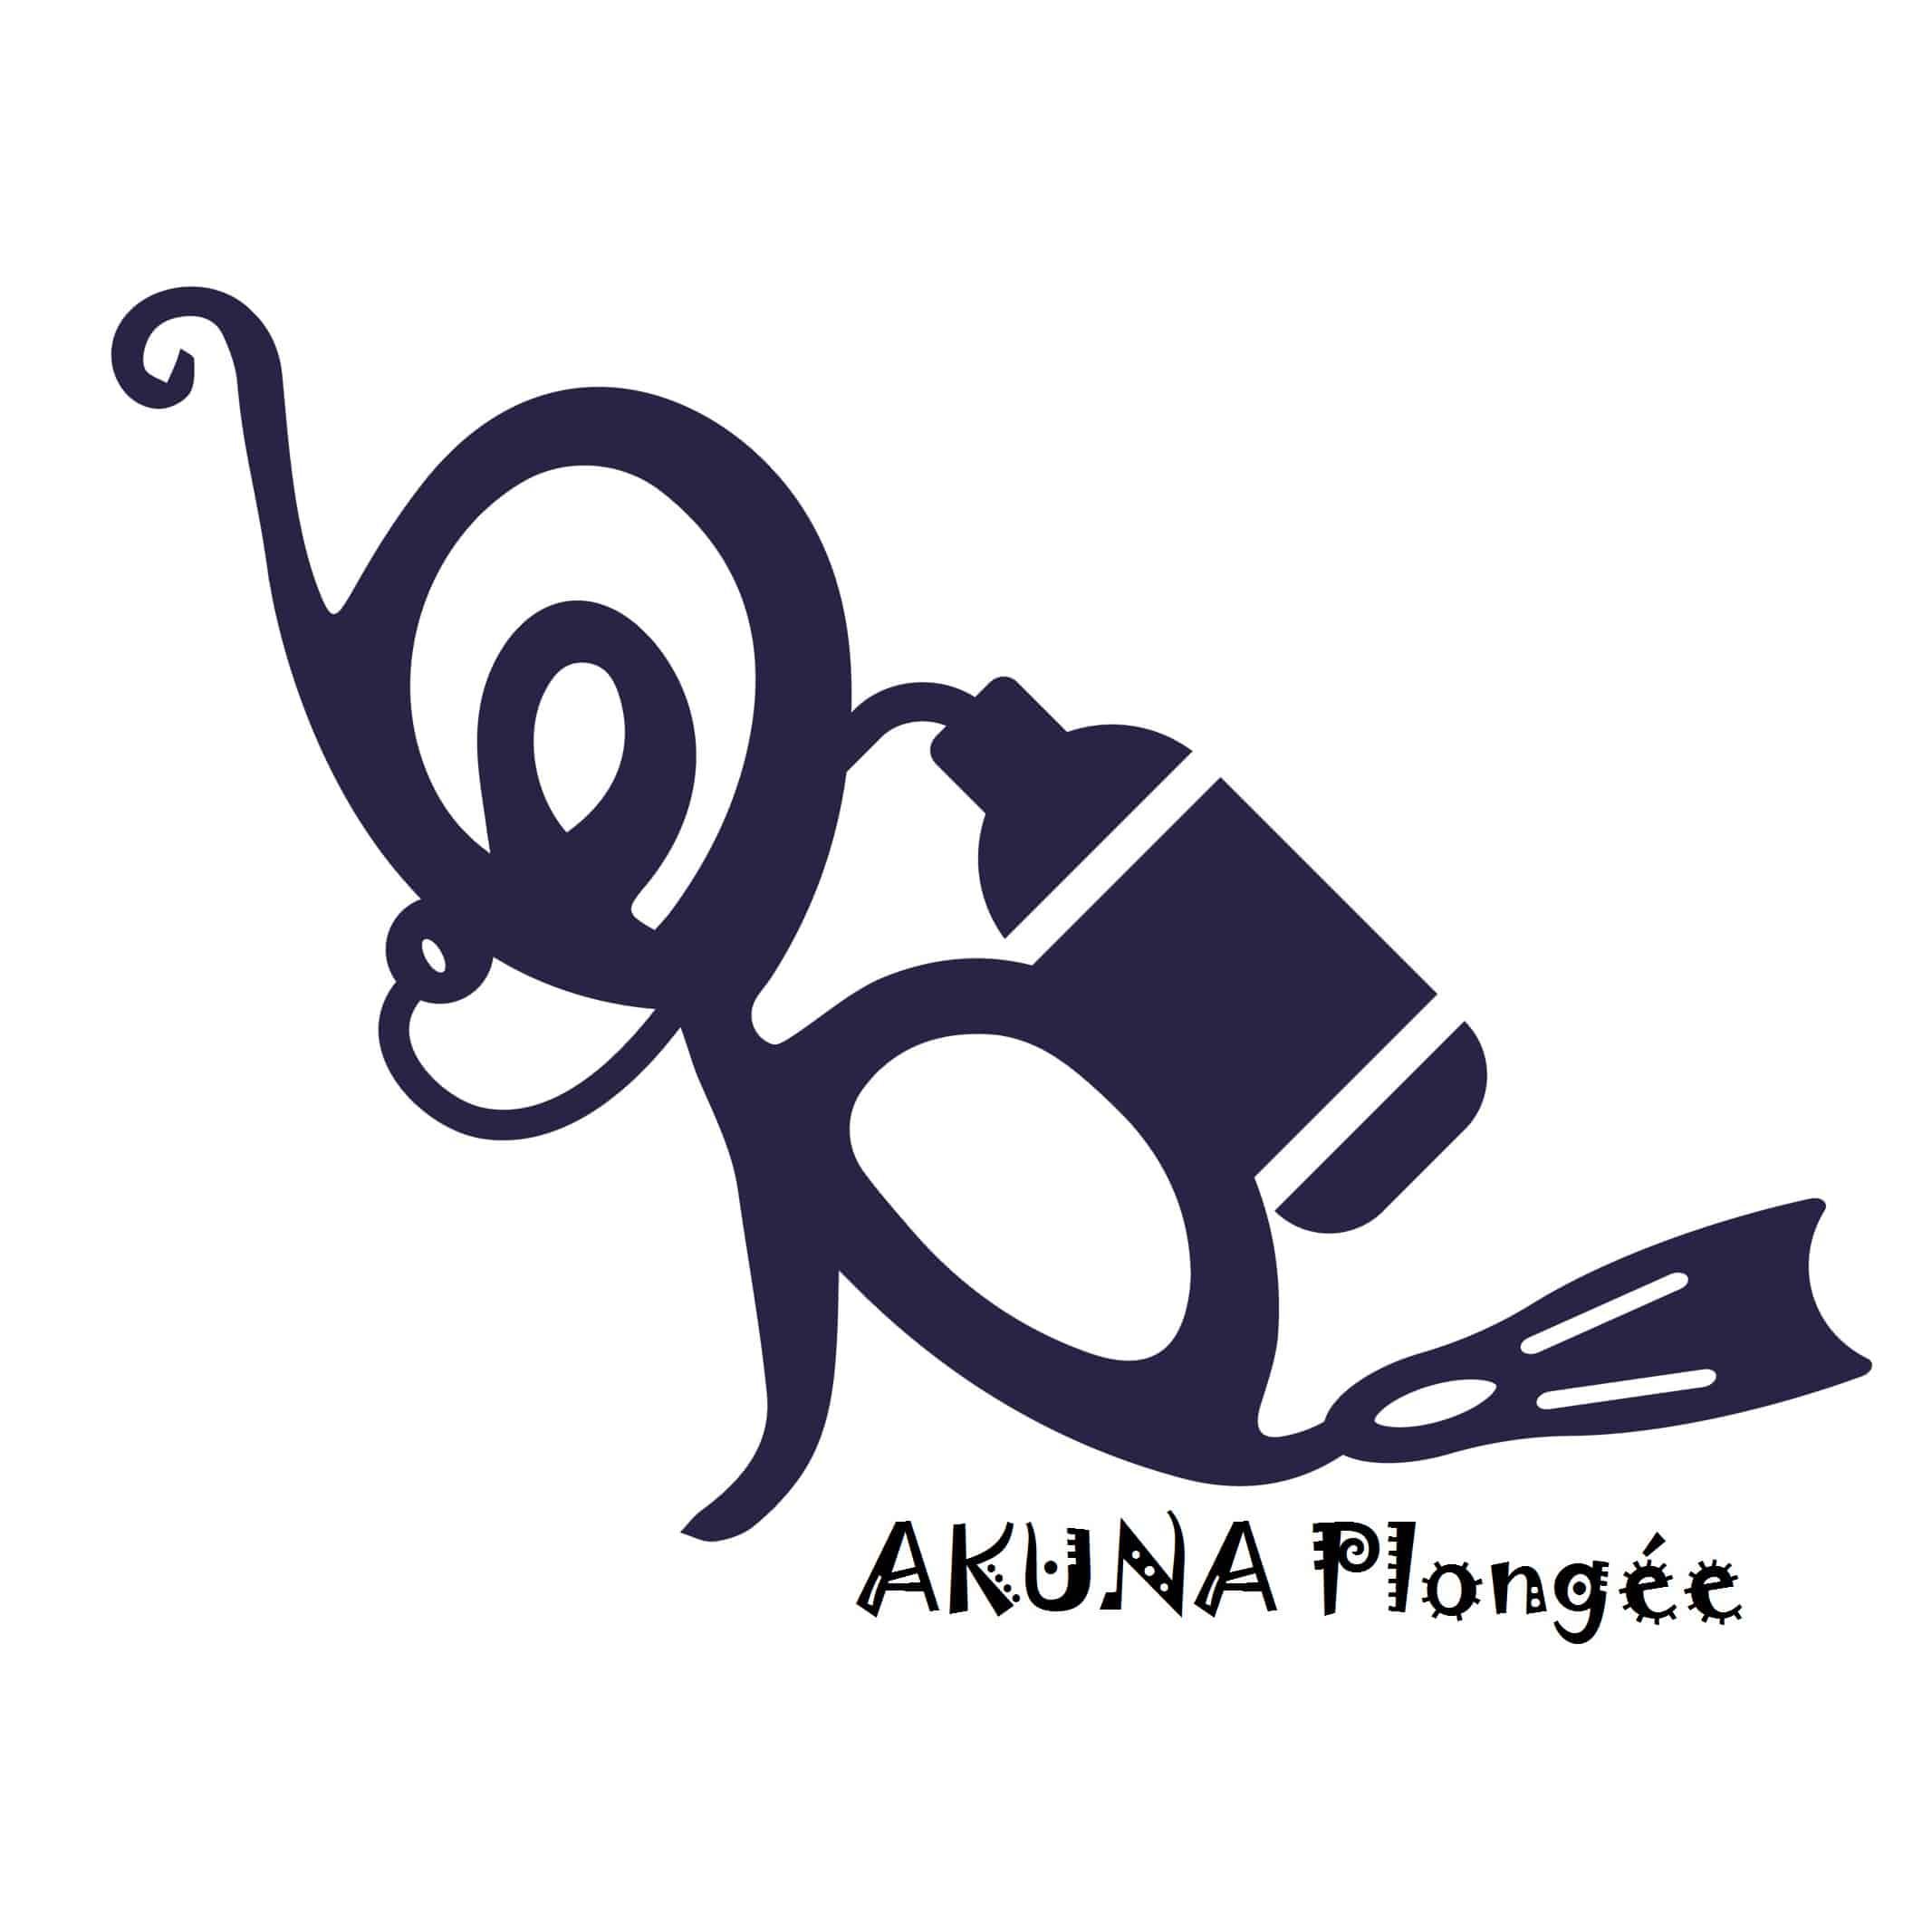 https://guide-centres-plongee.longitude181.org/wp-content/uploads/slider-home/clubs/1LOGO-AKUNA-Plong+¬e.jpg